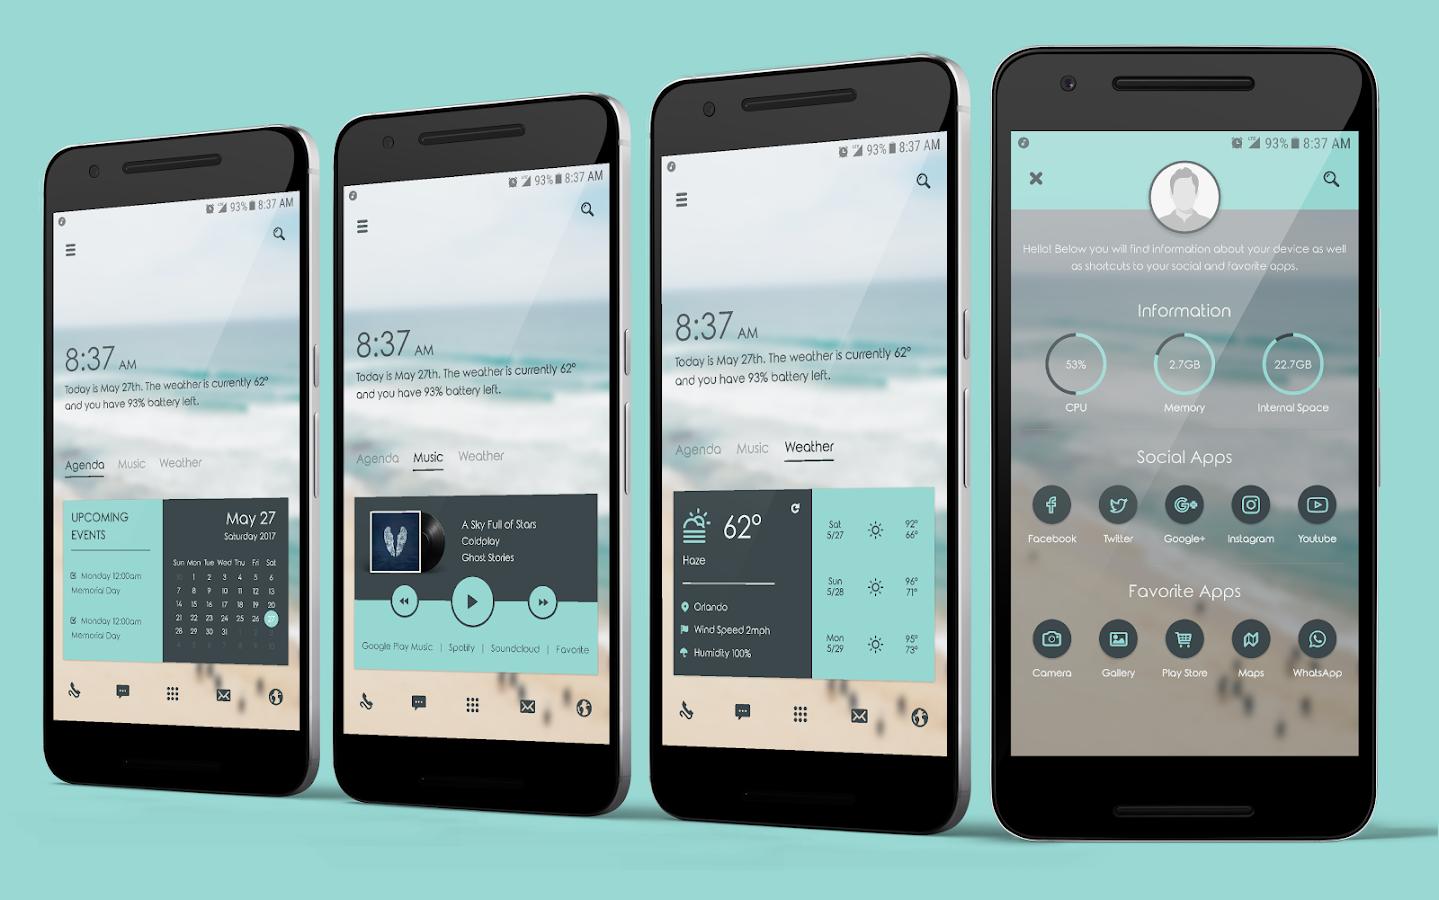 basecardshome f r klwp android apps download. Black Bedroom Furniture Sets. Home Design Ideas